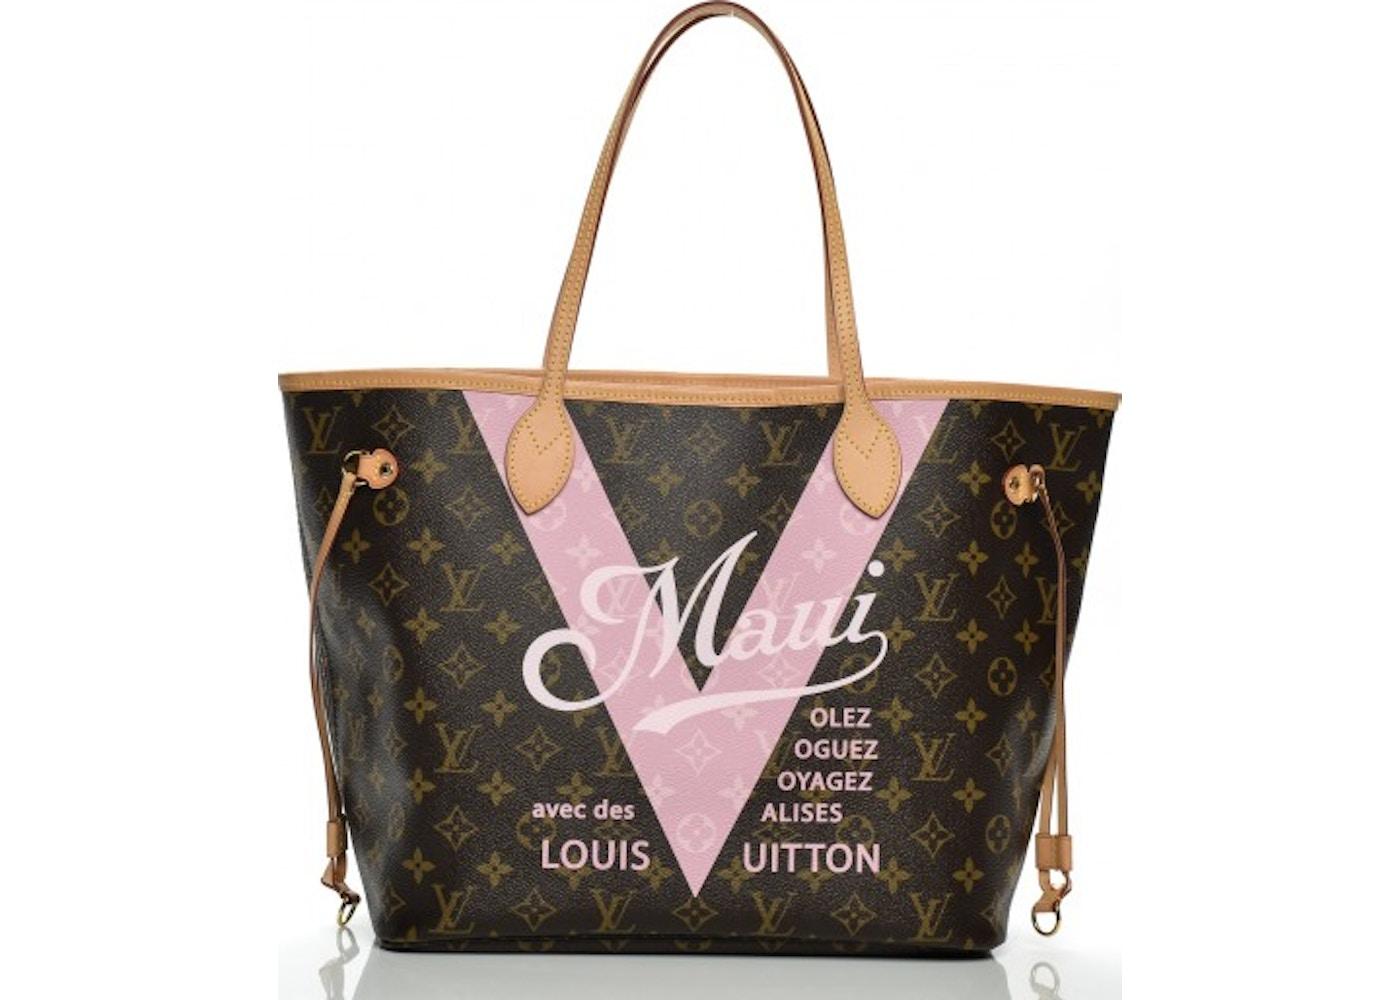 17ef3f15c155 Louis Vuitton Neverfull Monogram V Cities Maui MM Rose Ballerine. Monogram V  Cities Maui MM Rose Ballerine